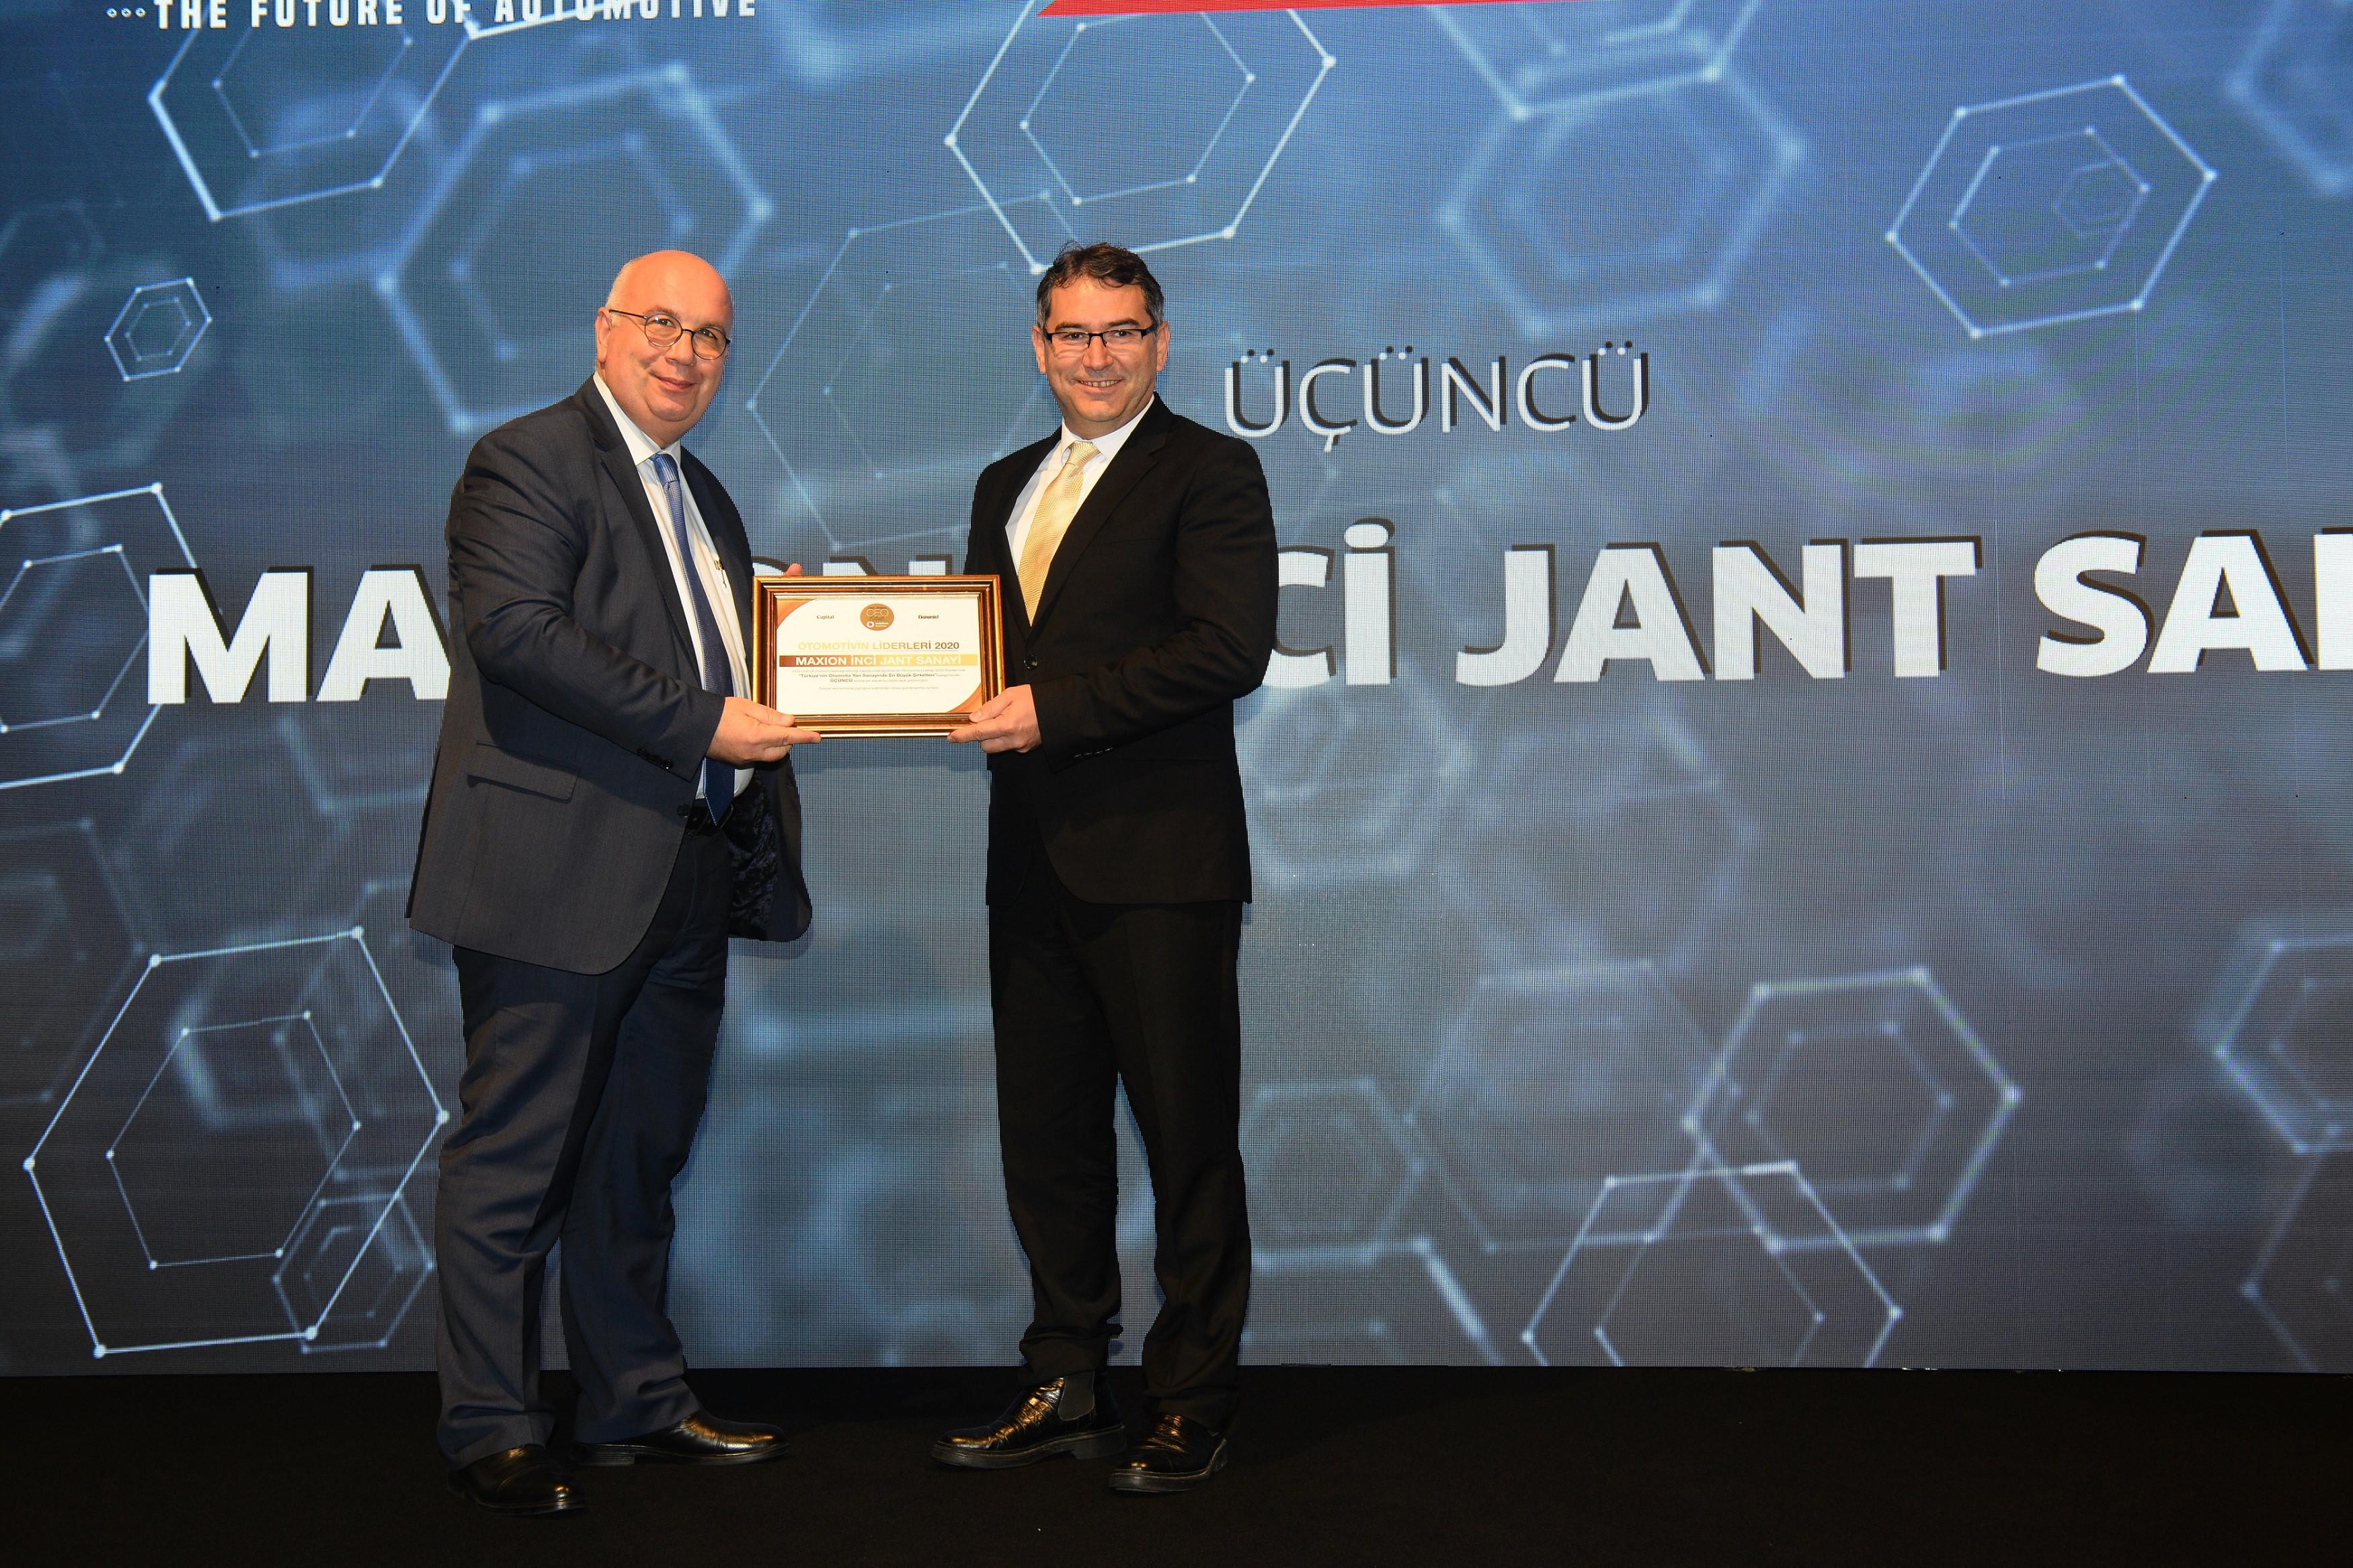 Maxion İnci Jant Grubu'na Türkiye'nin en büyük 3'üncü otomotiv tedarik sanayi şirketi ödülü